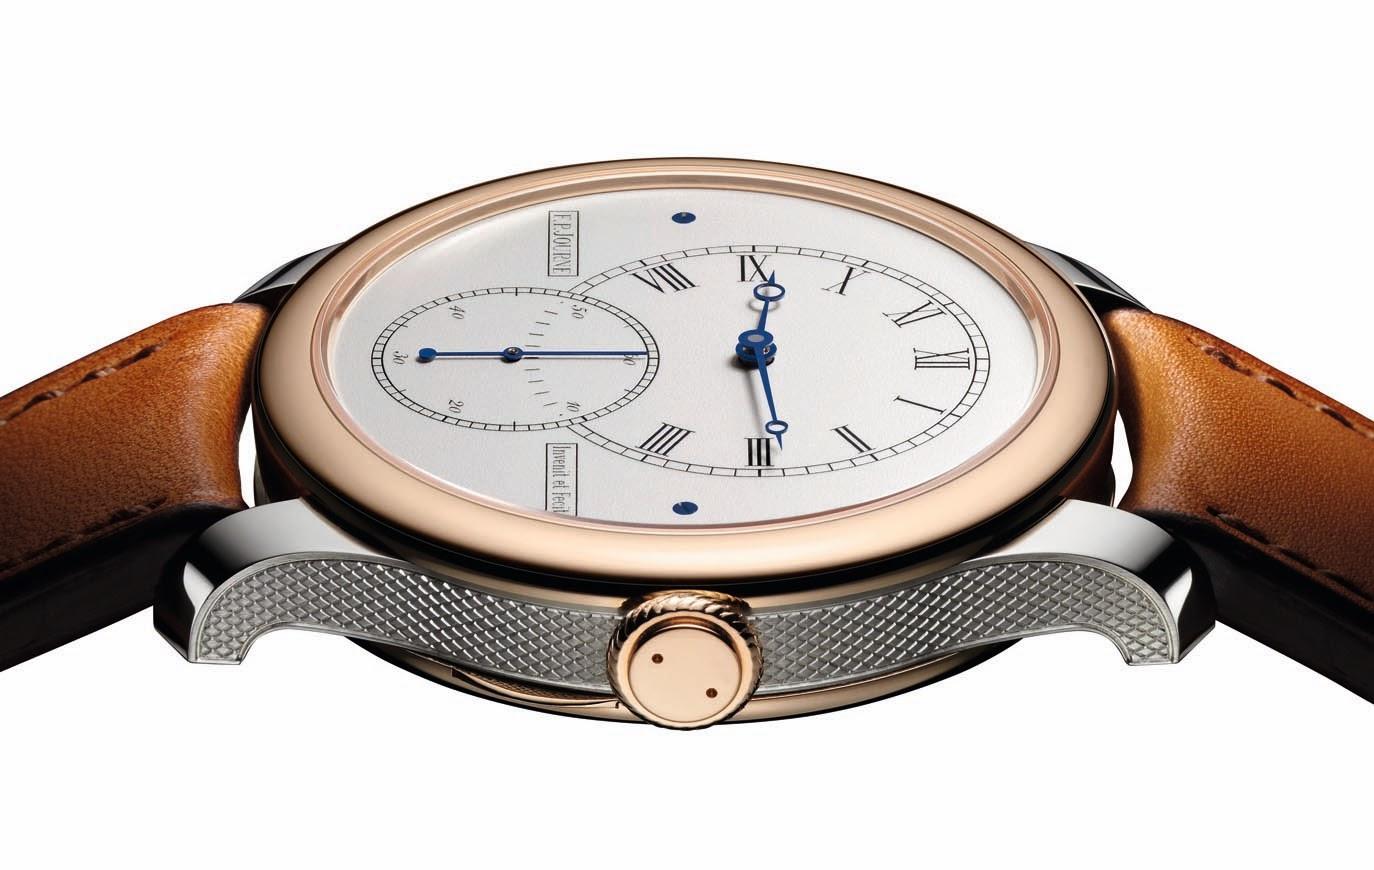 218f48ae0c8 Estação Cronográfica  Chegado ao mercado - relógio F.P.Journe ...